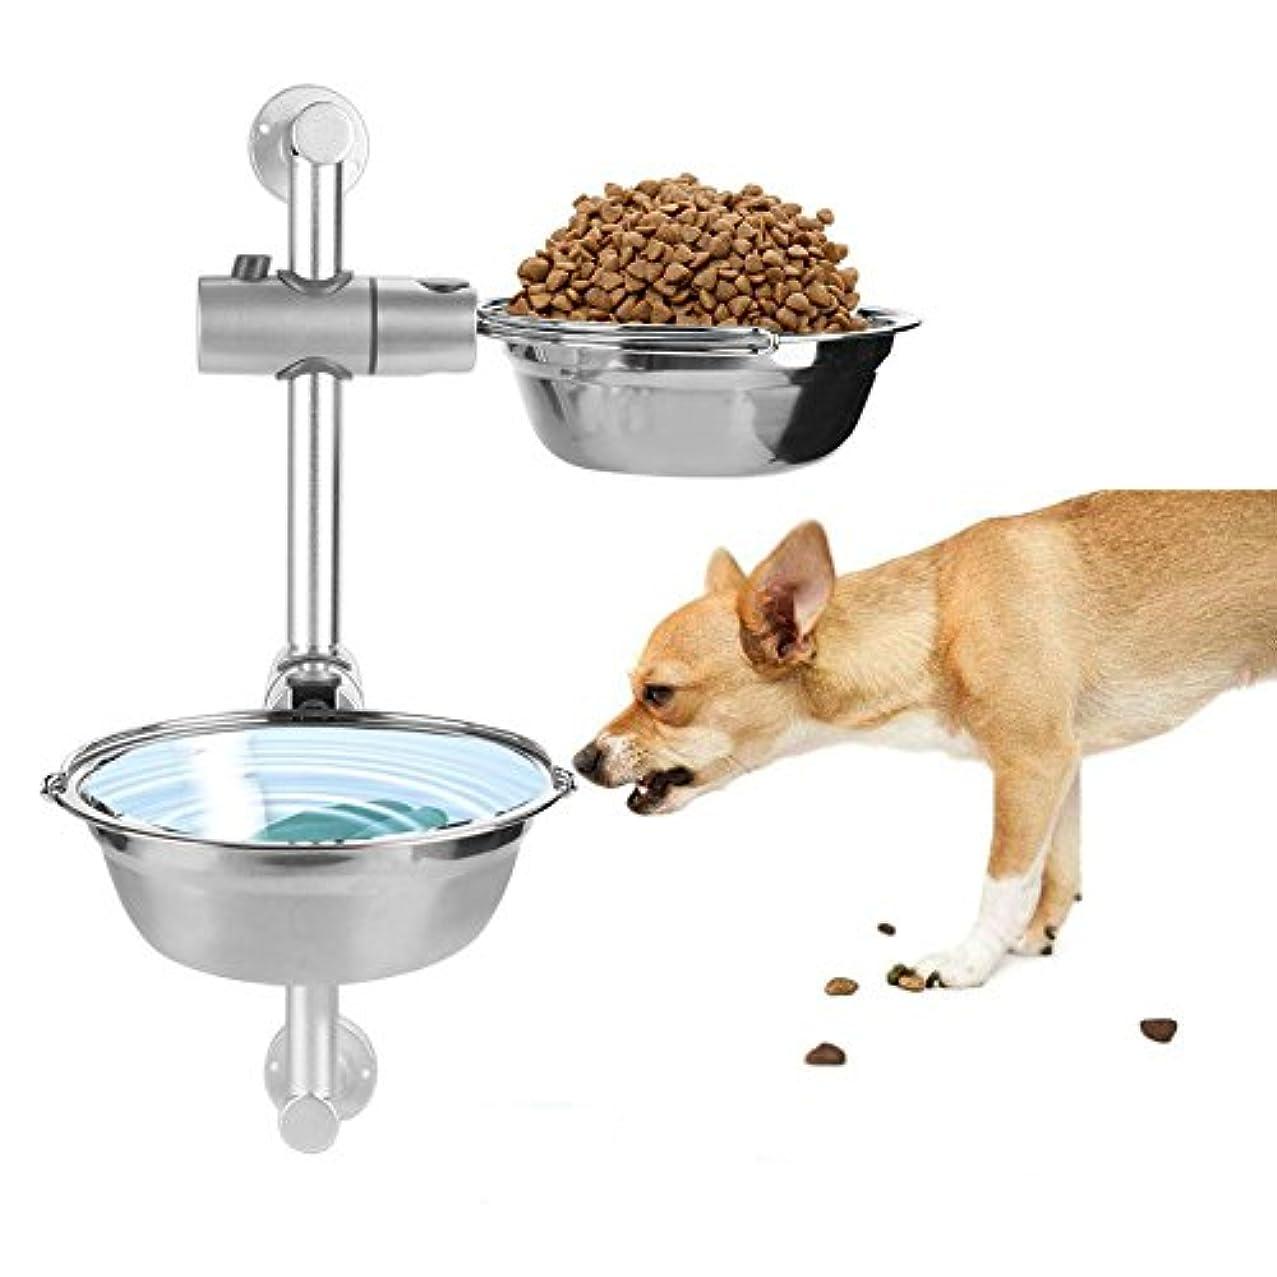 ペットボウル 犬用 皿 フード スタンド &ボウル セット 犬猫用 食器 餌いれ フードボウル 食事 給水 給餌 二つステンレス製ボウル 高度調節できる